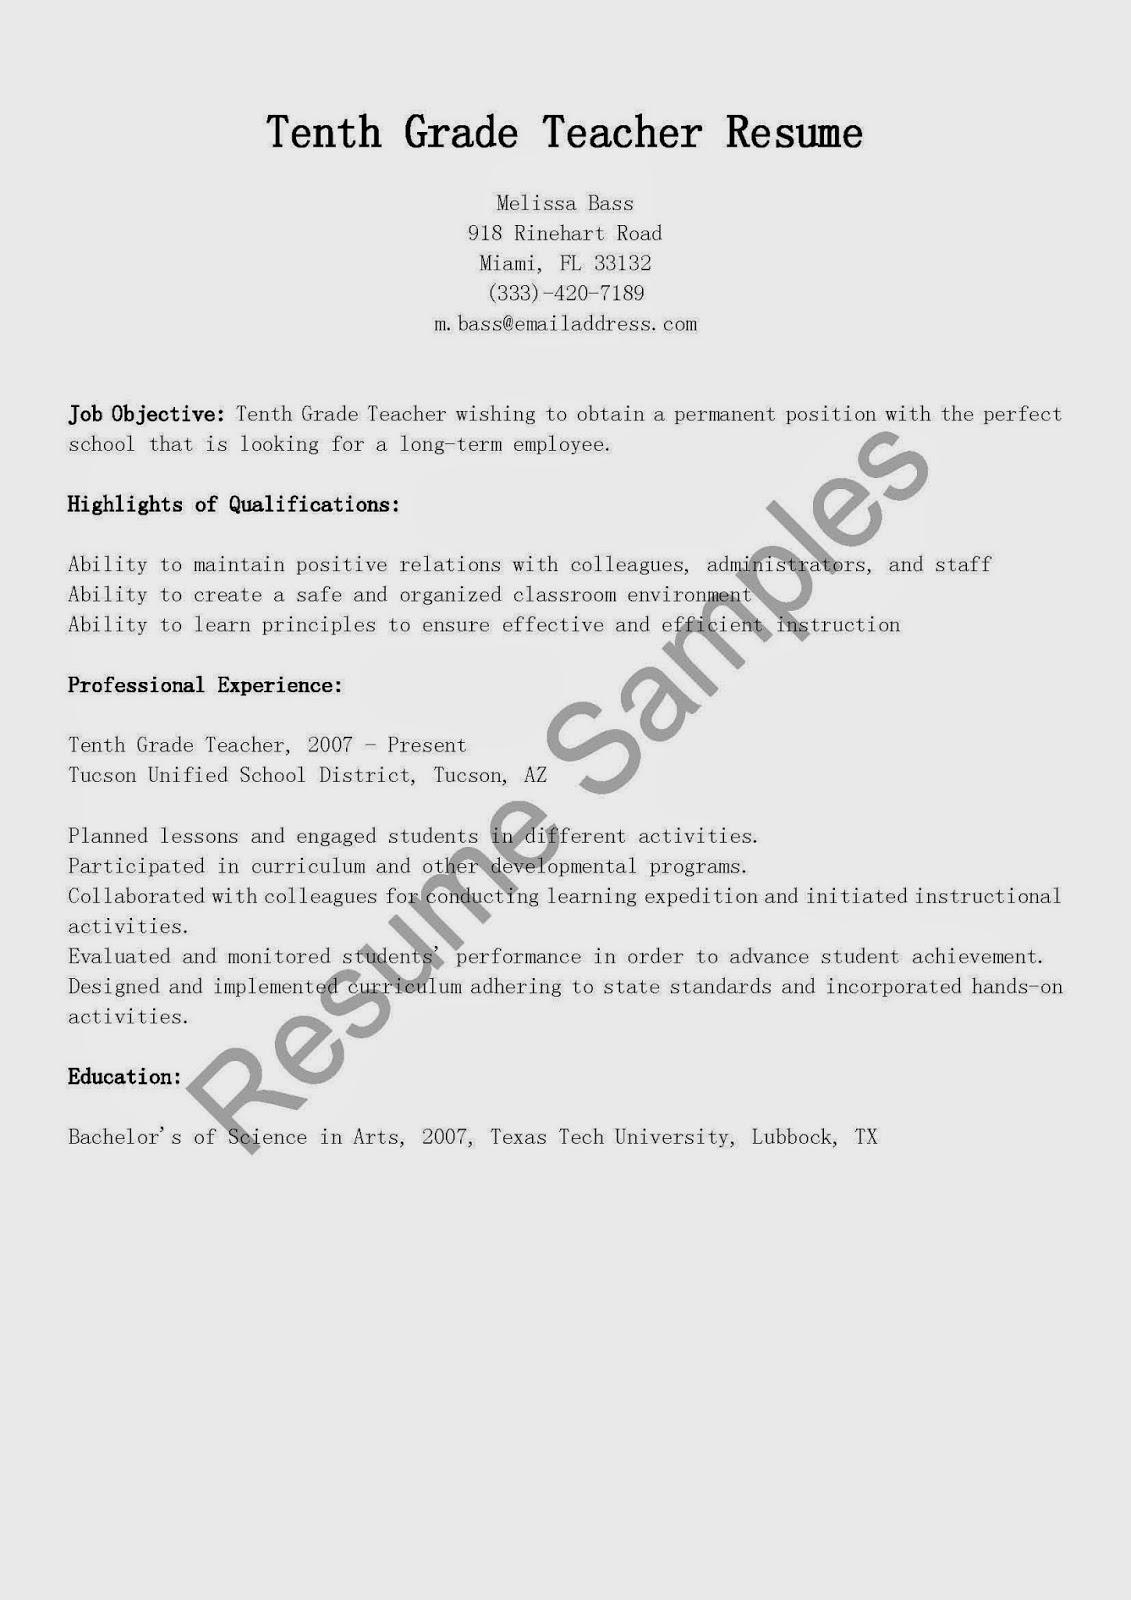 resume samples  tenth grade teacher resume sample